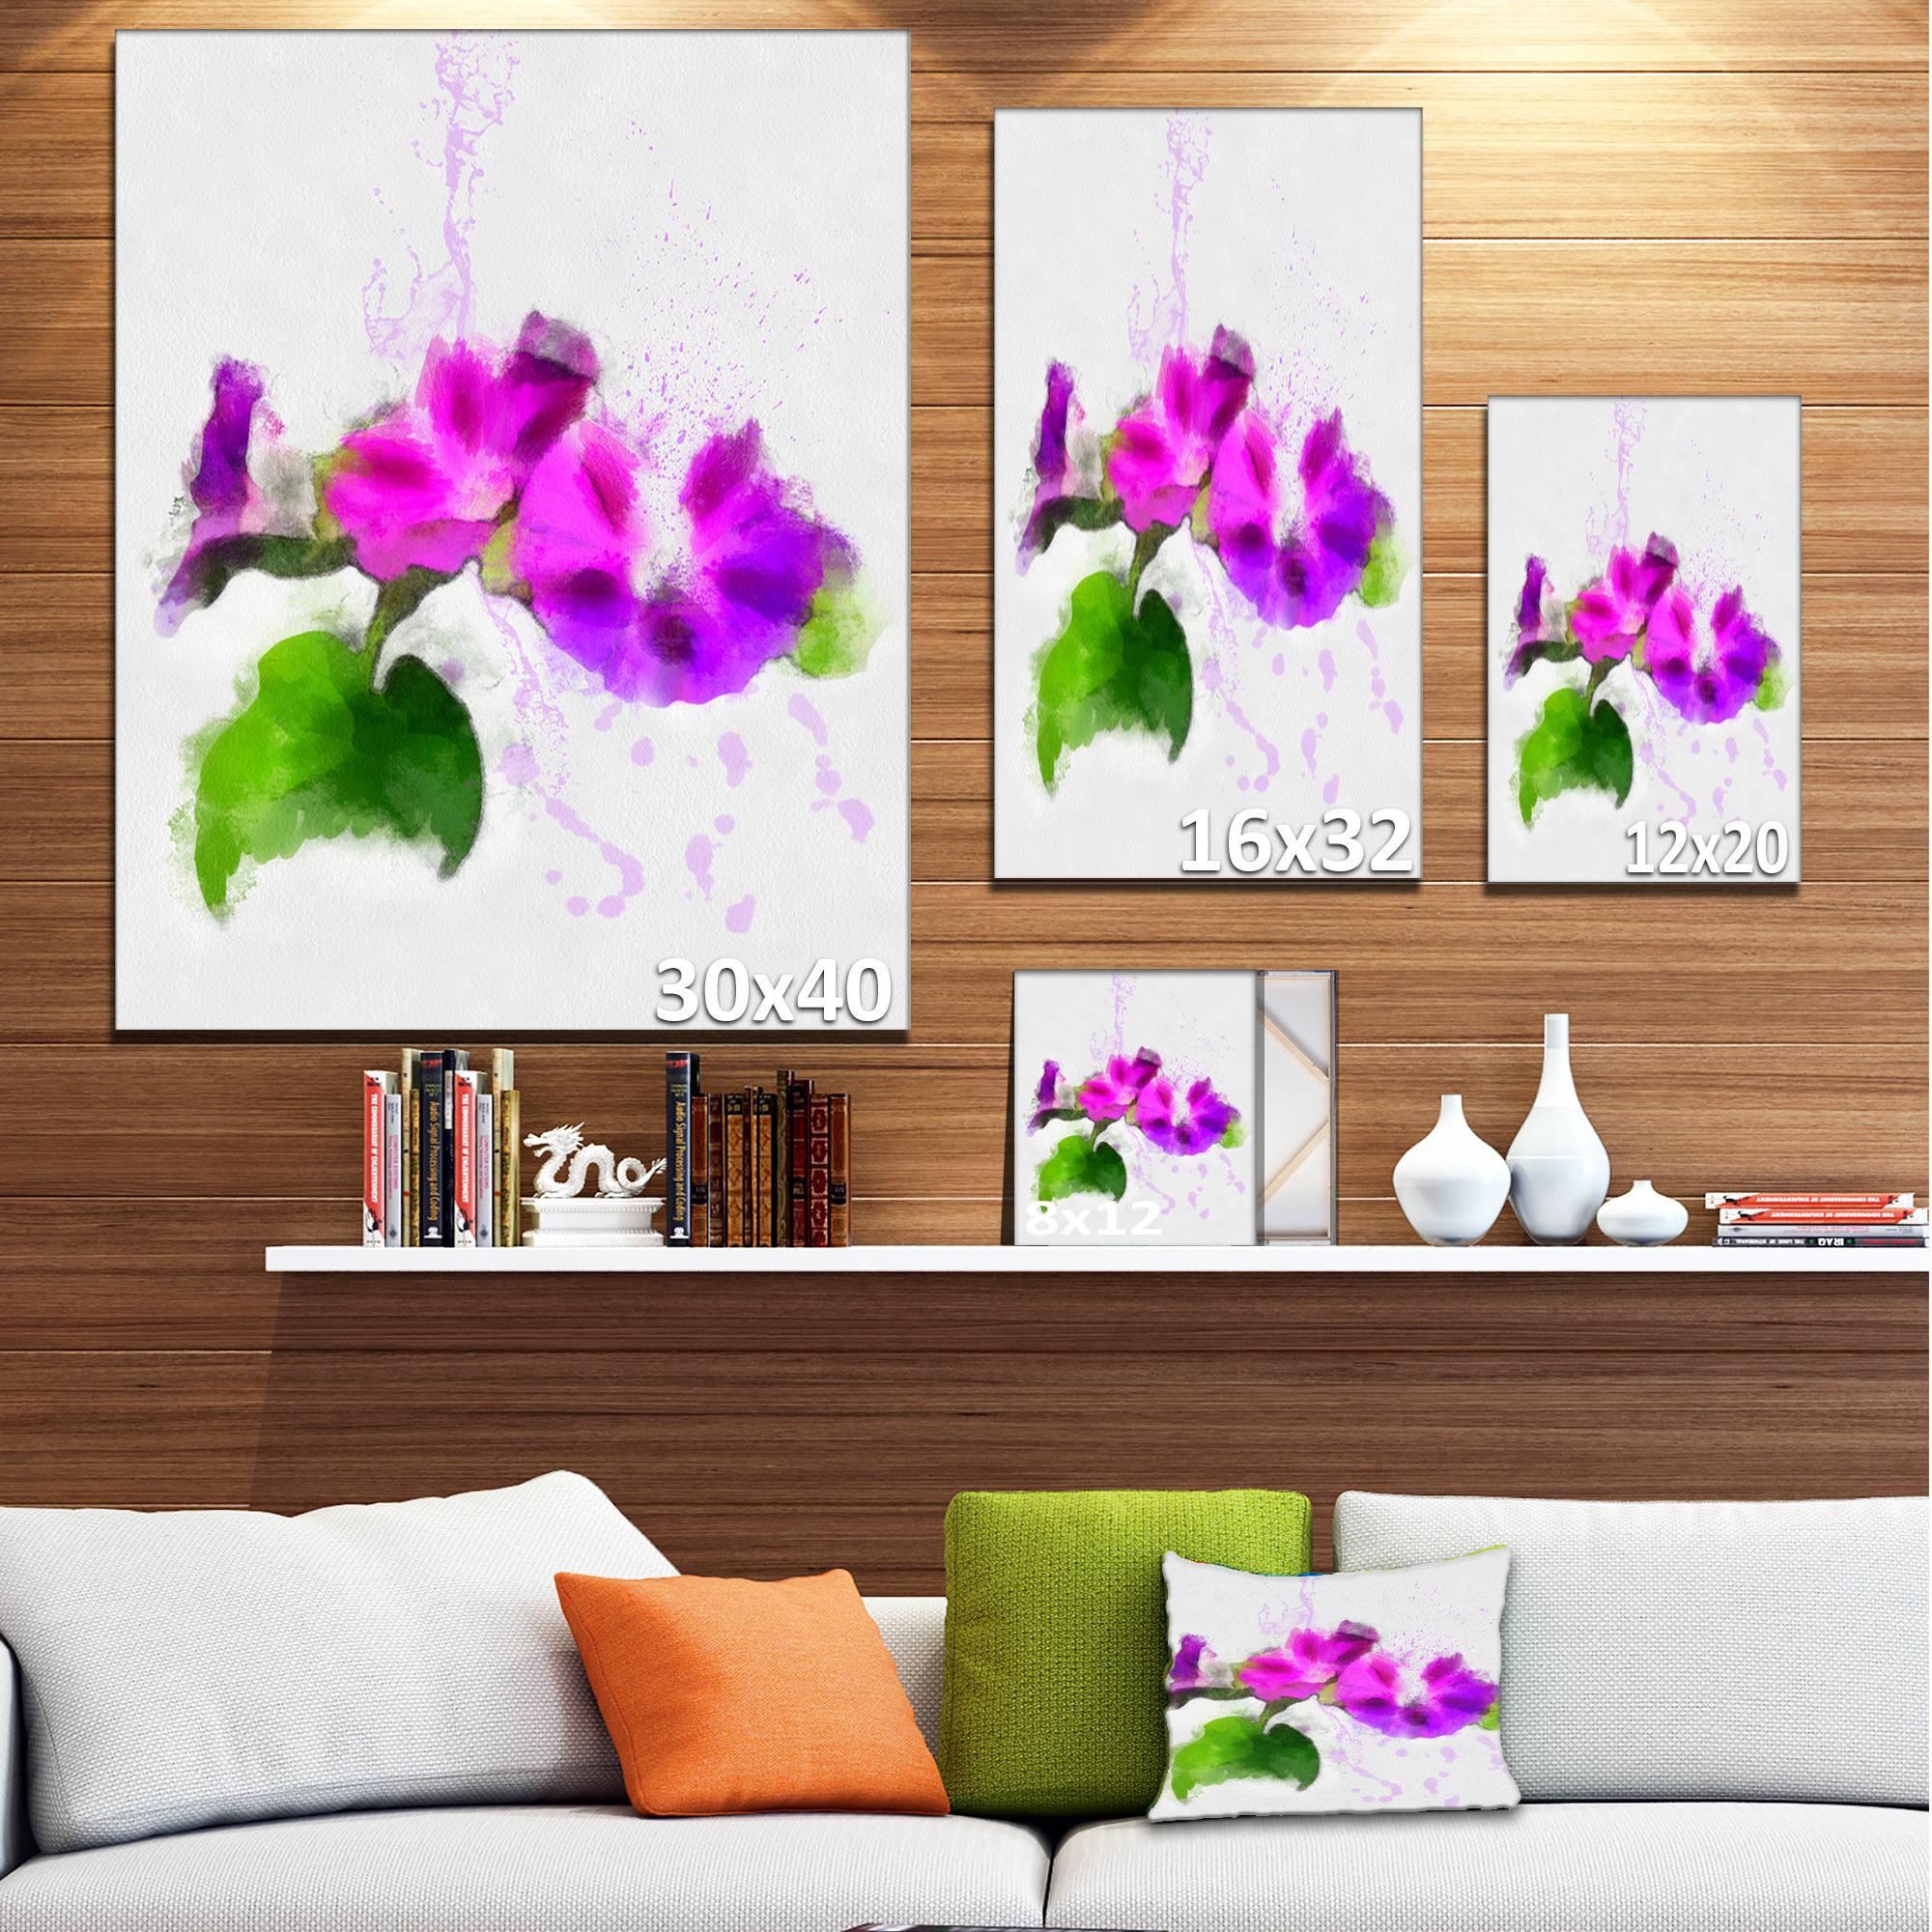 Stem of Convolvulus Flower Drawing - Floral Canvas Art Print - image 2 de 4